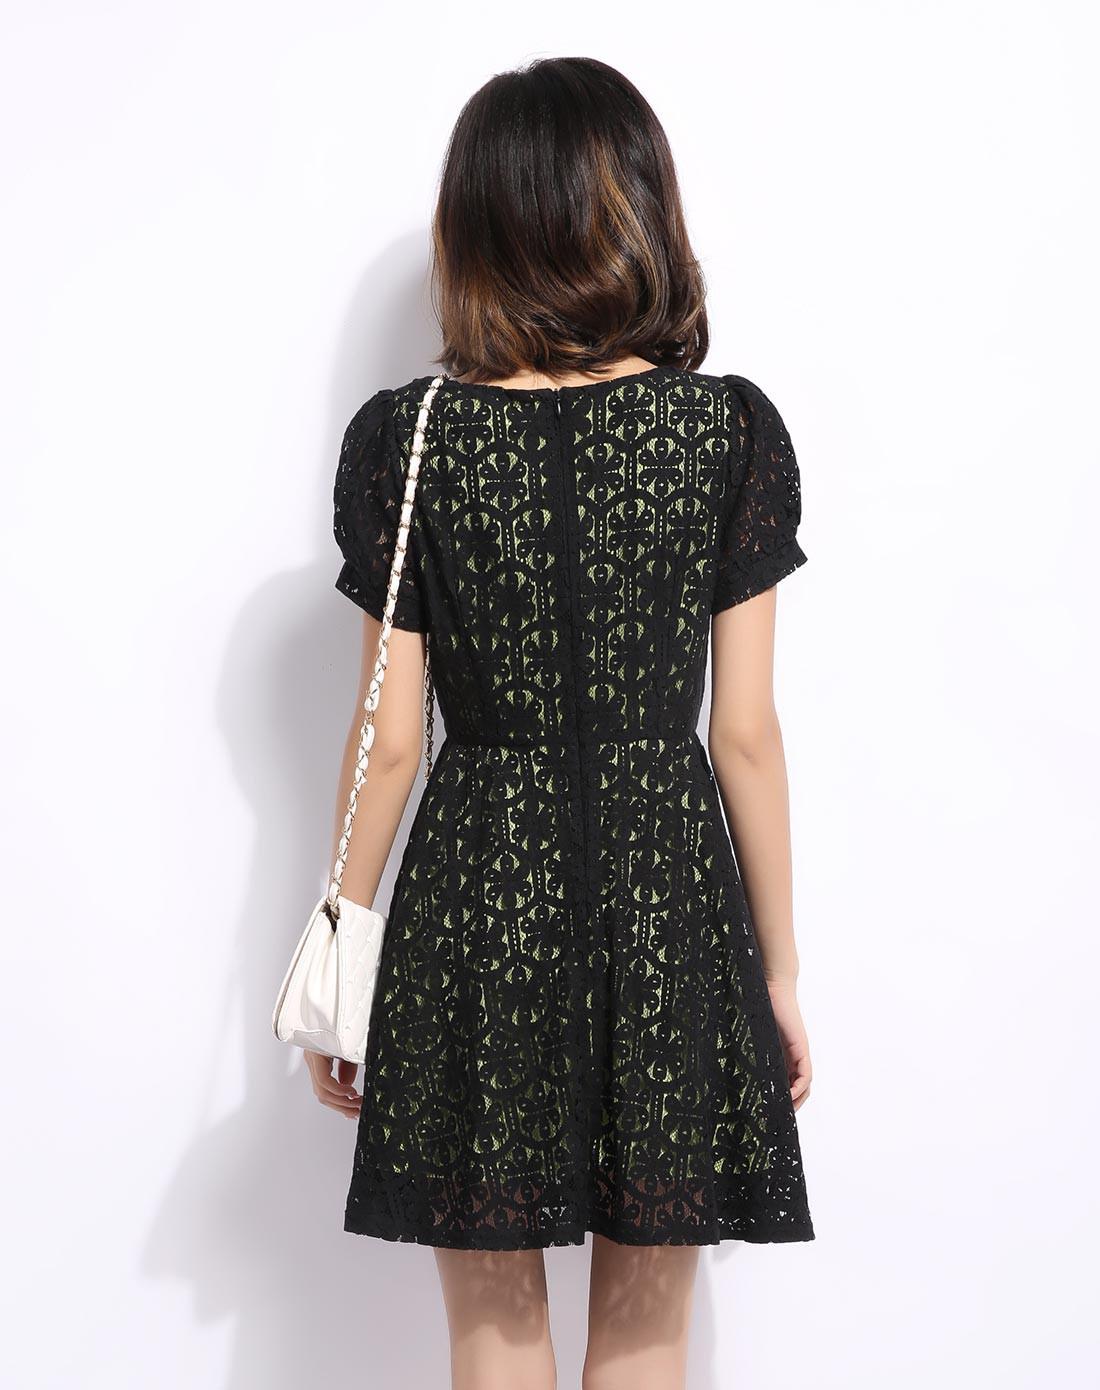 三福时尚男女装女款黑/绿色舒适镂空蕾丝短袖连衣裙32